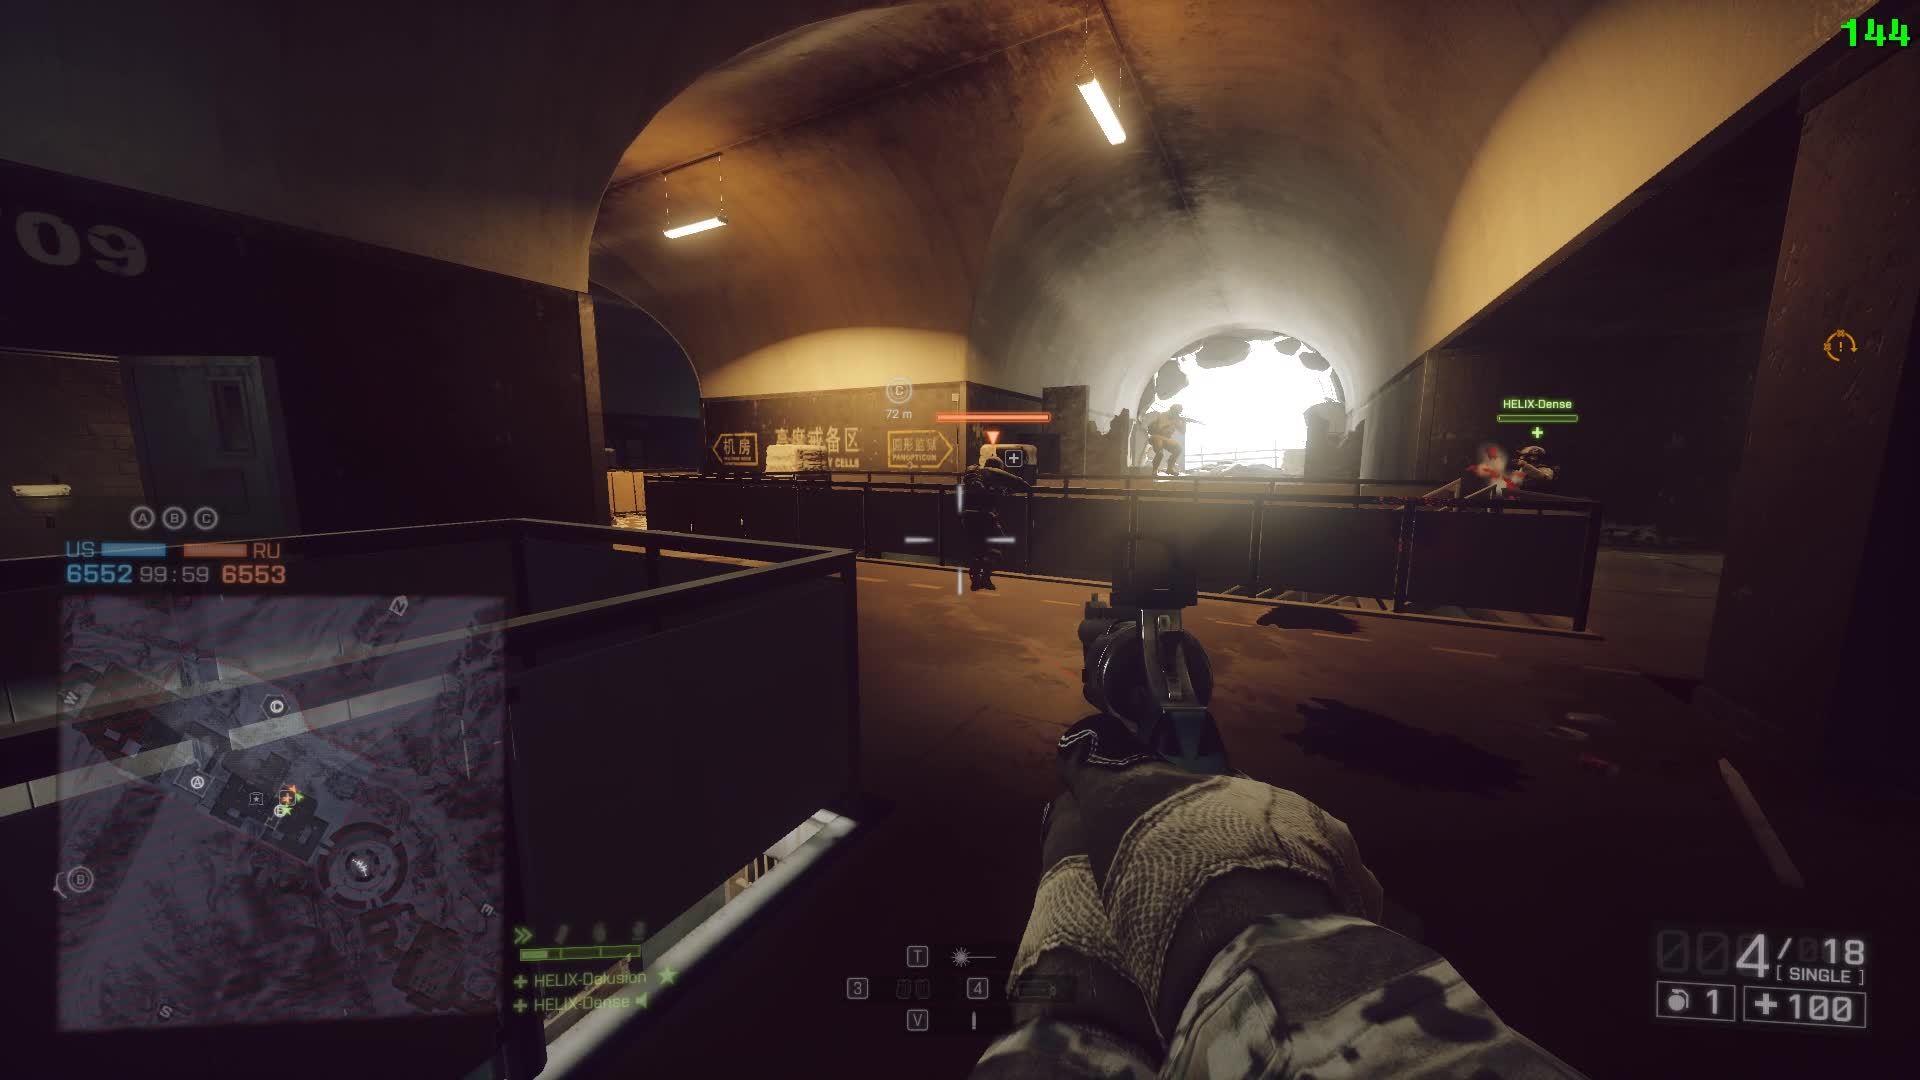 Magnum, Trickshot, battlefield_4, Jumping Glitch Trickshot GIFs